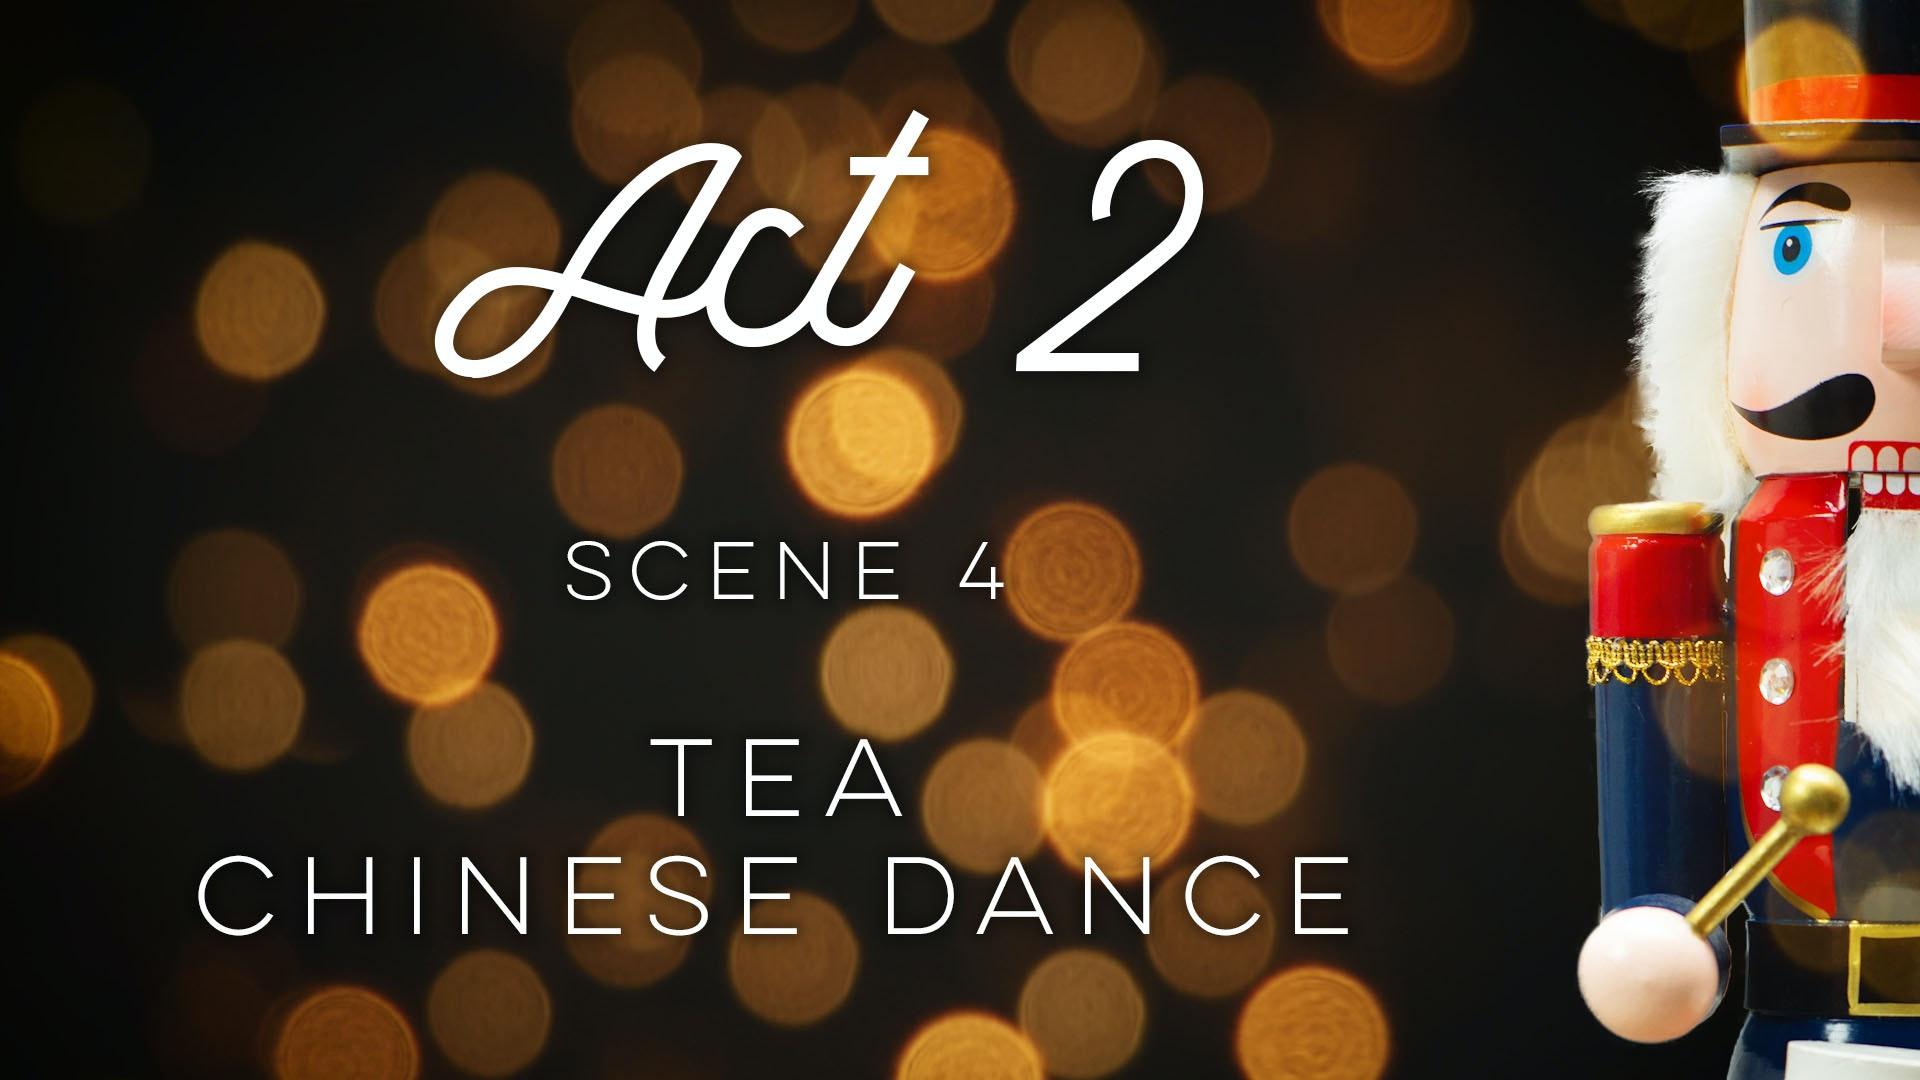 Receive it in scene 4